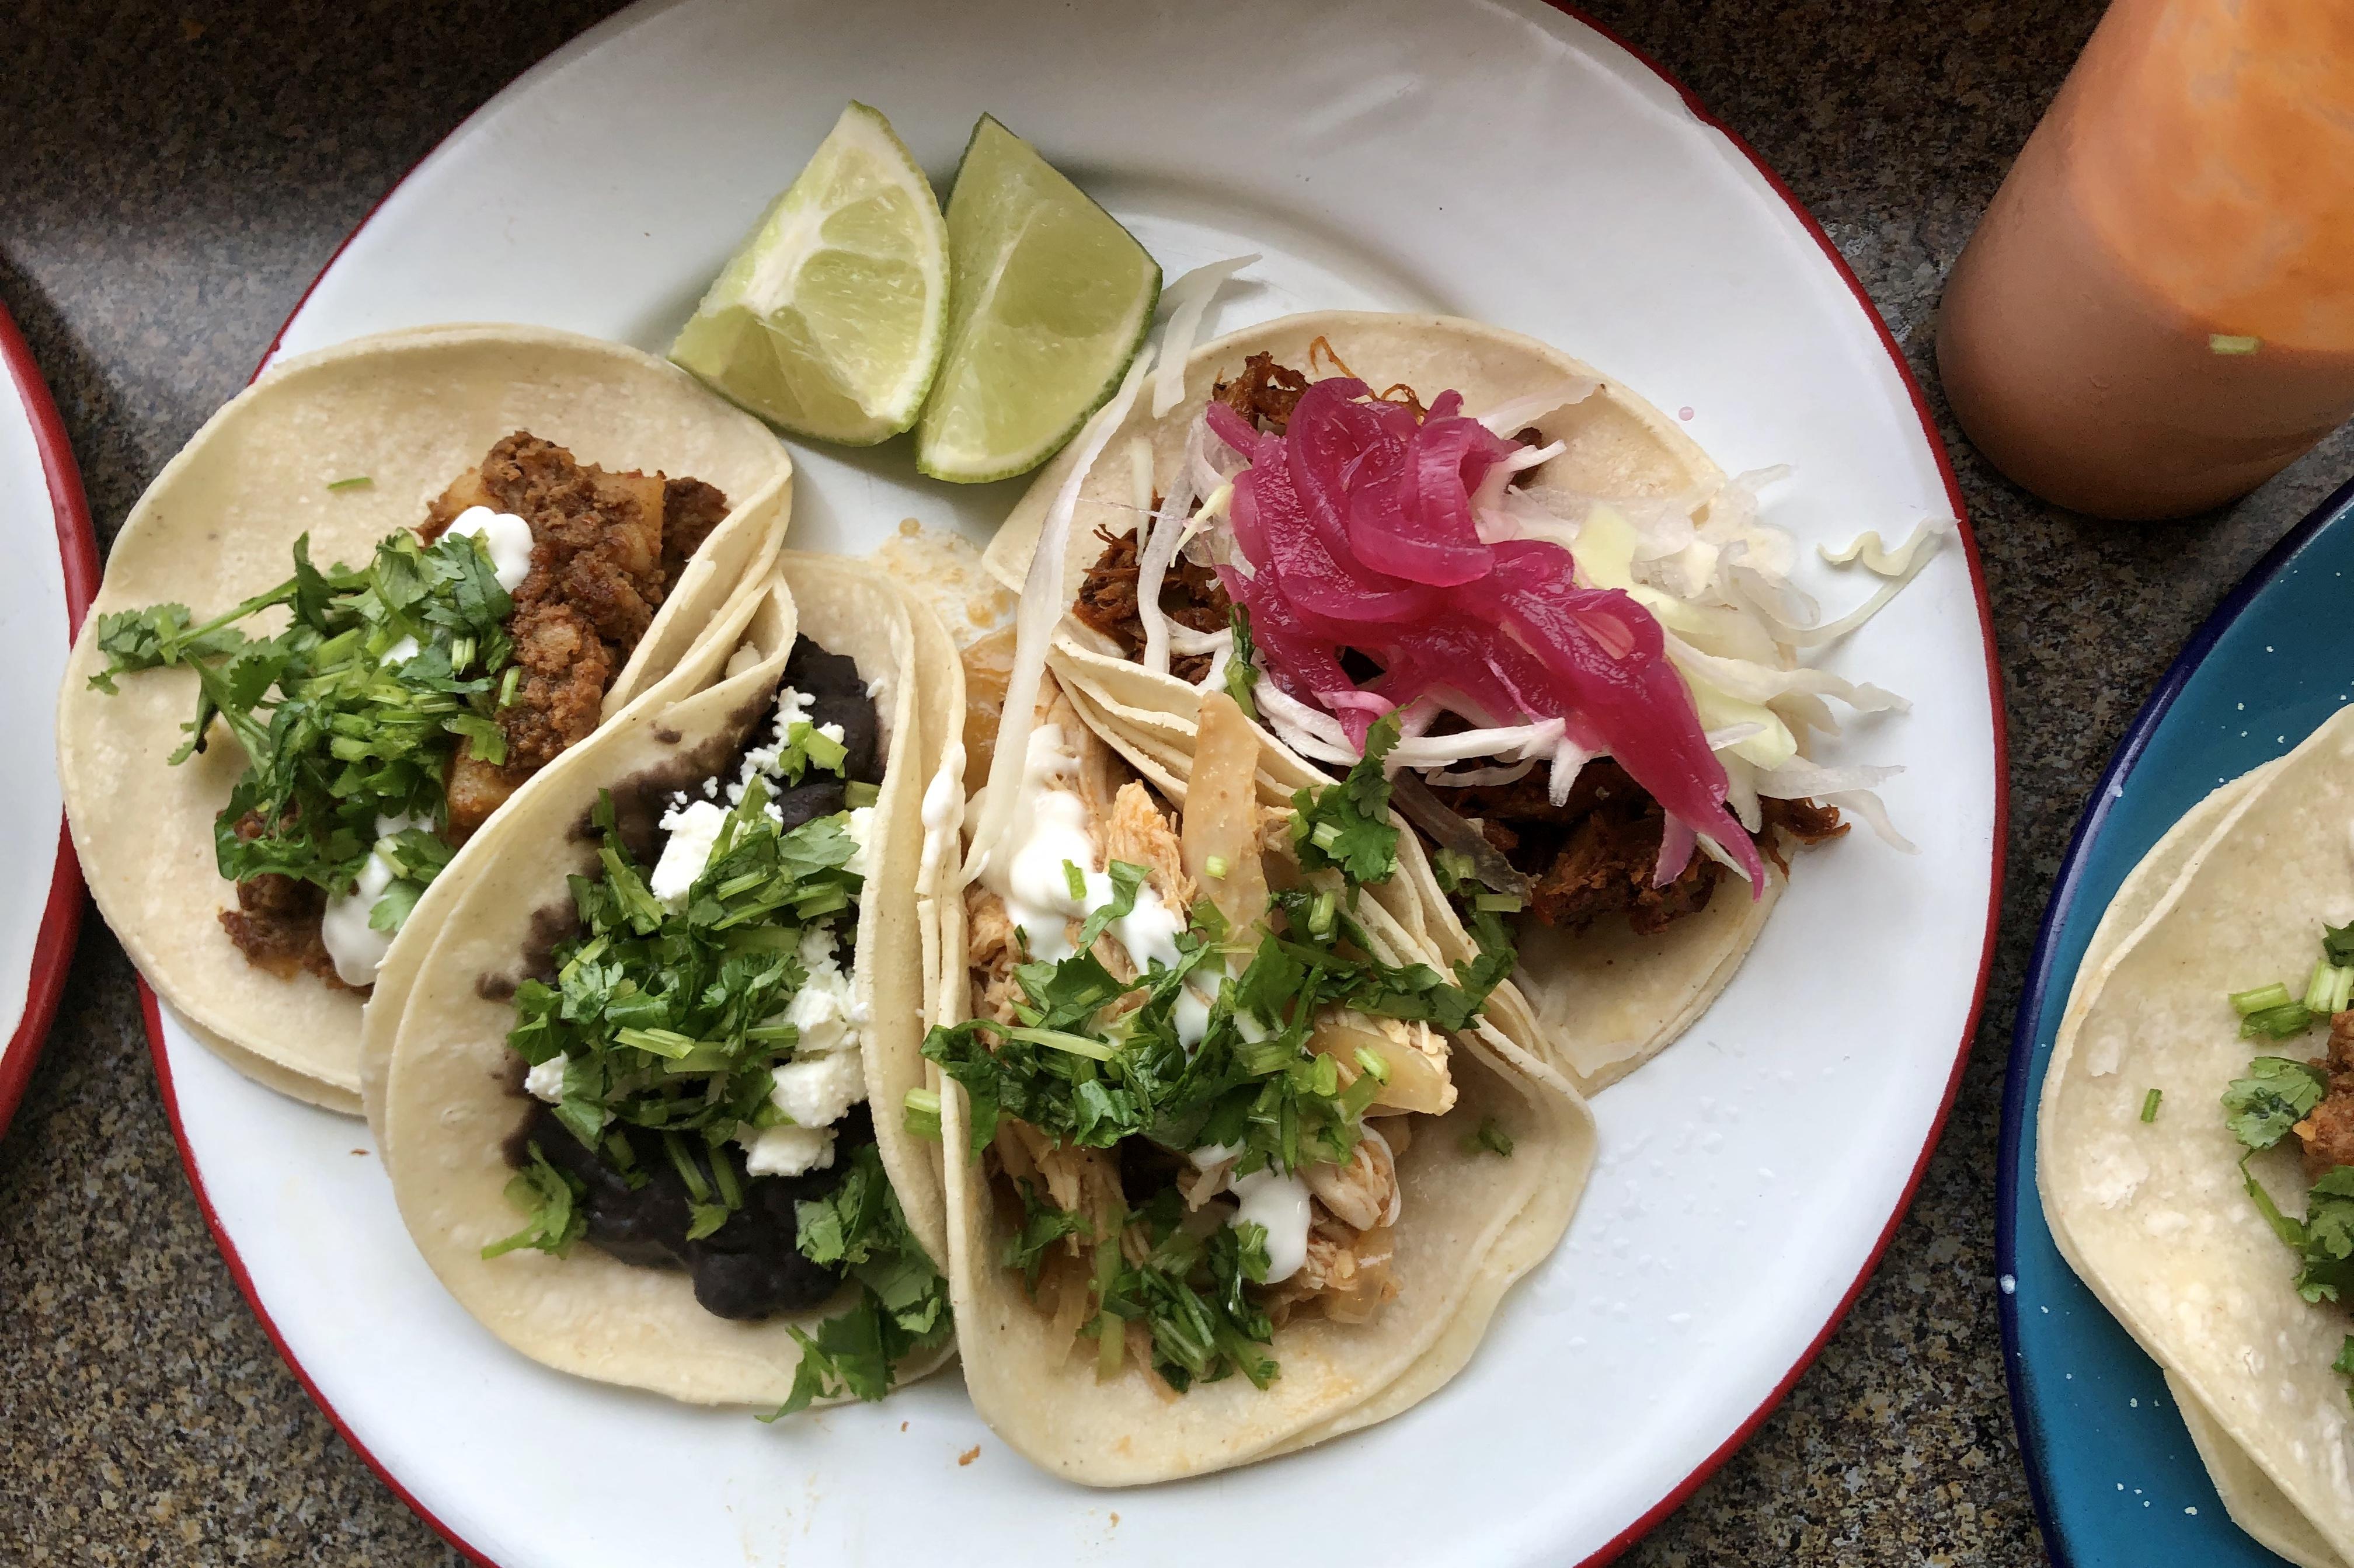 Tacos at Molli Cafe